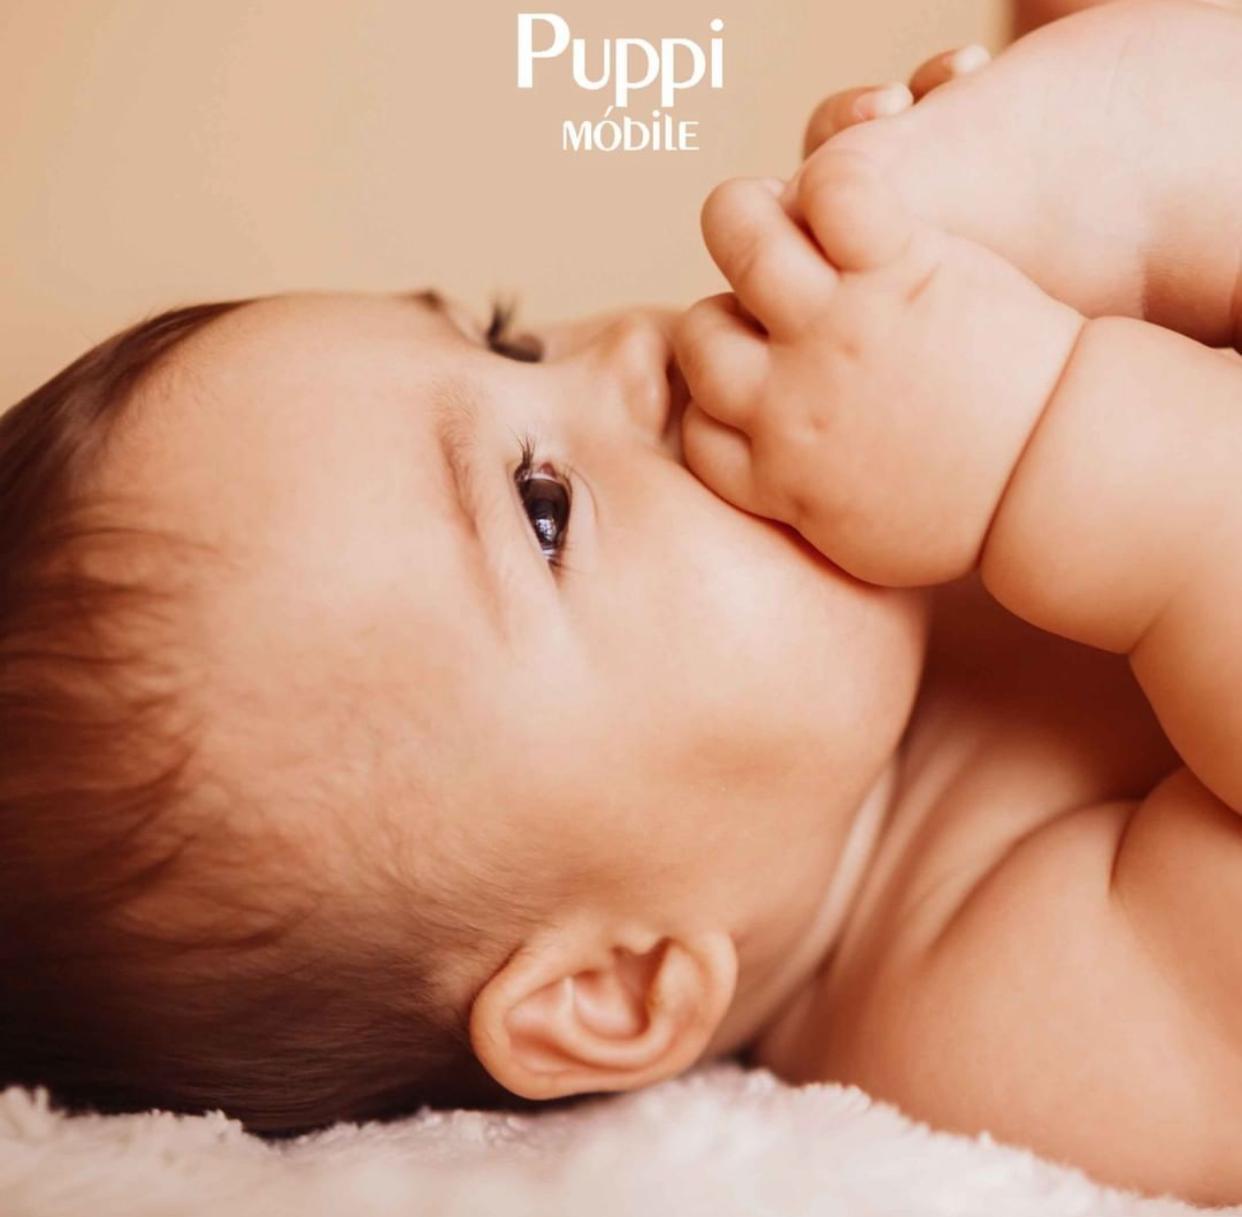 Berço Confort 3 em 1 Branco - Puppi Móbile